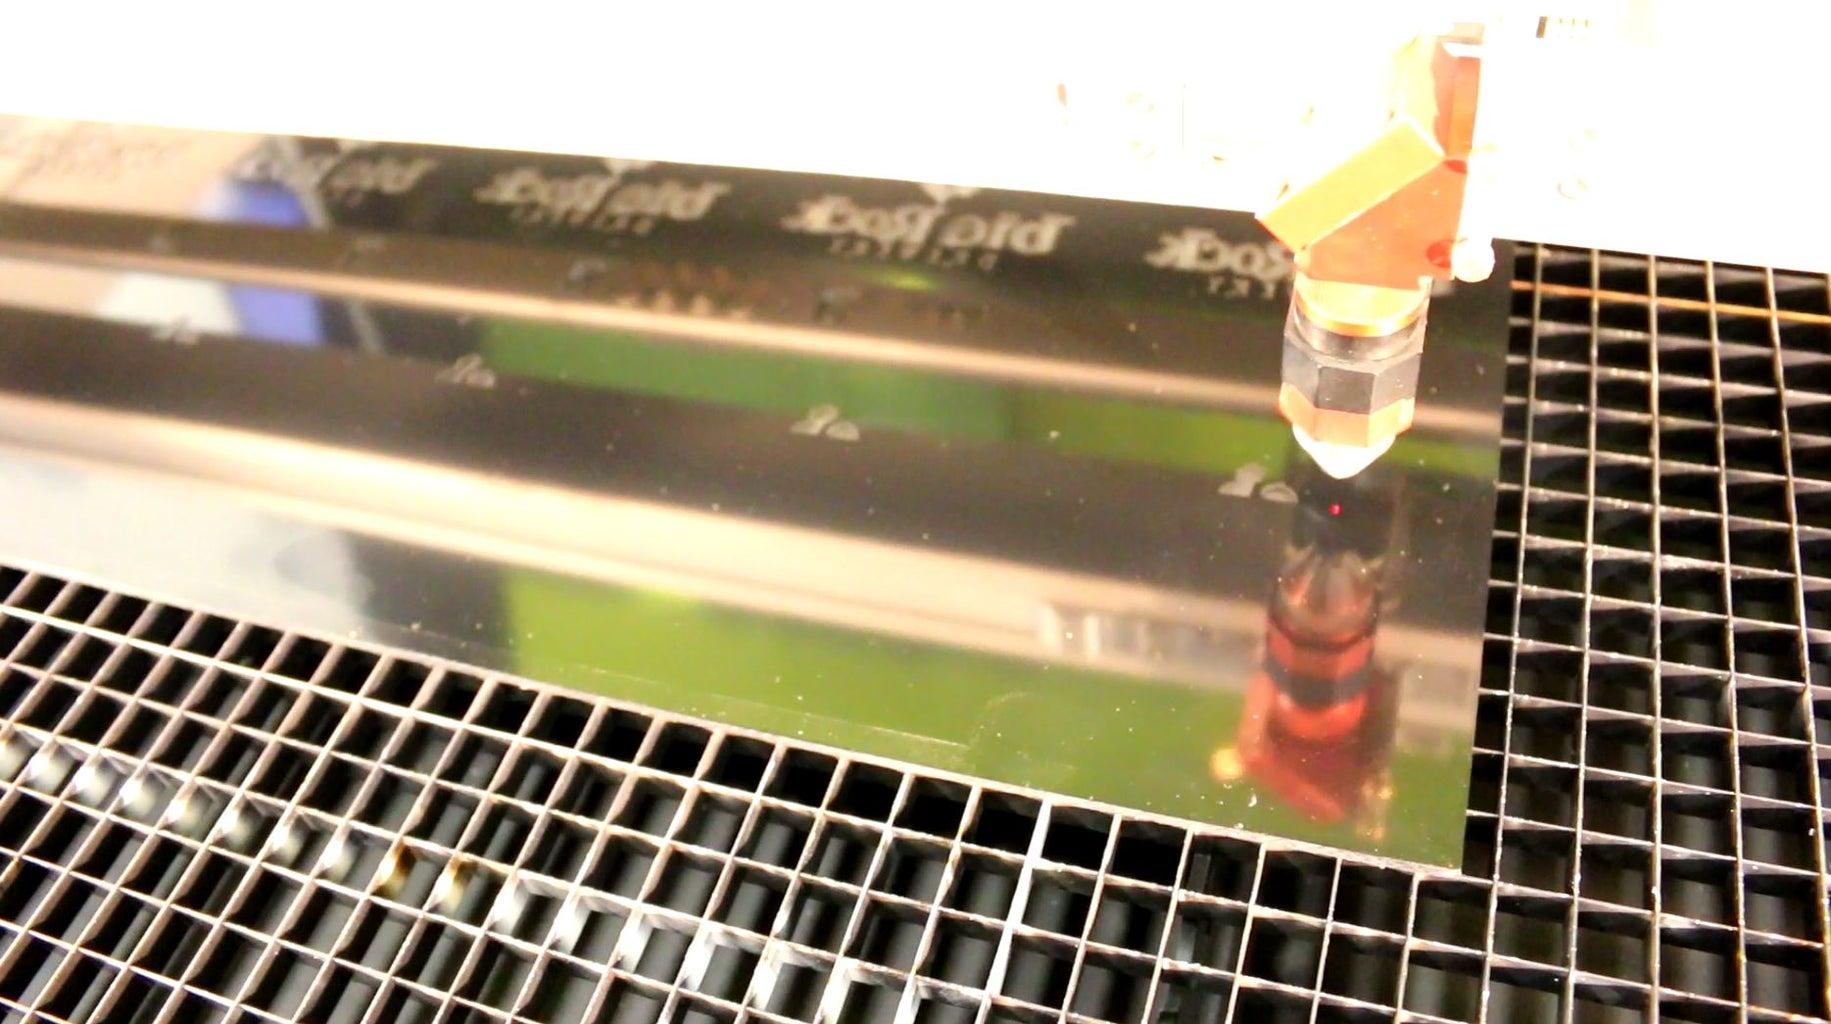 Coaster 1: Big Rock Brewery